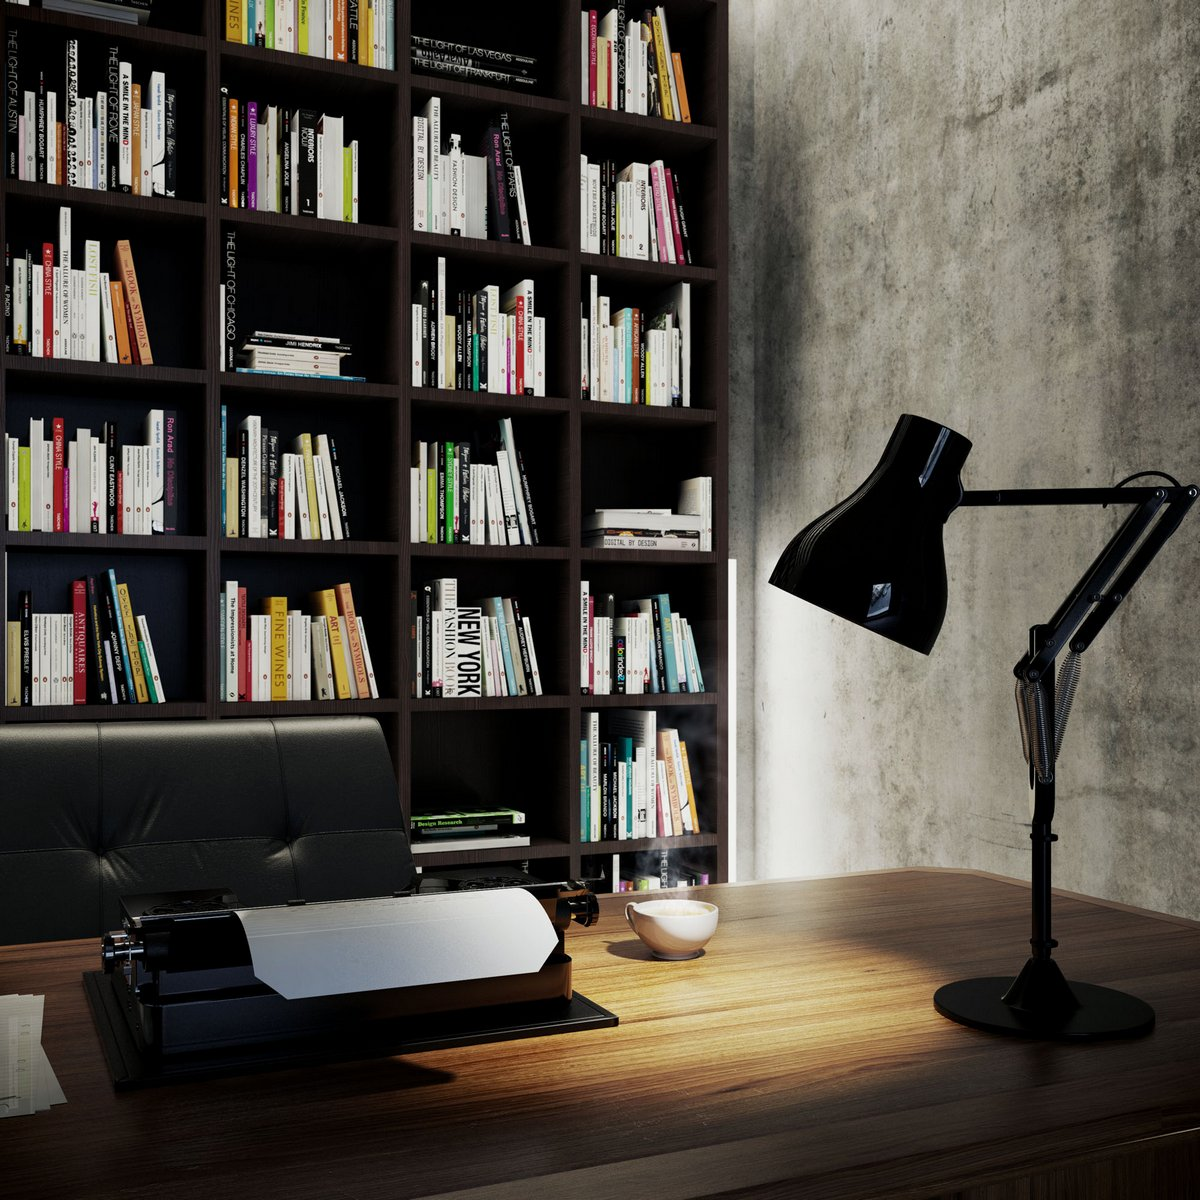 Анжело Фернандес, Angelo Fernandes, визуализация интерьера, 3D визуализация интерьера, проект интерьера, дом писателя, интерьер квартиры для писателя